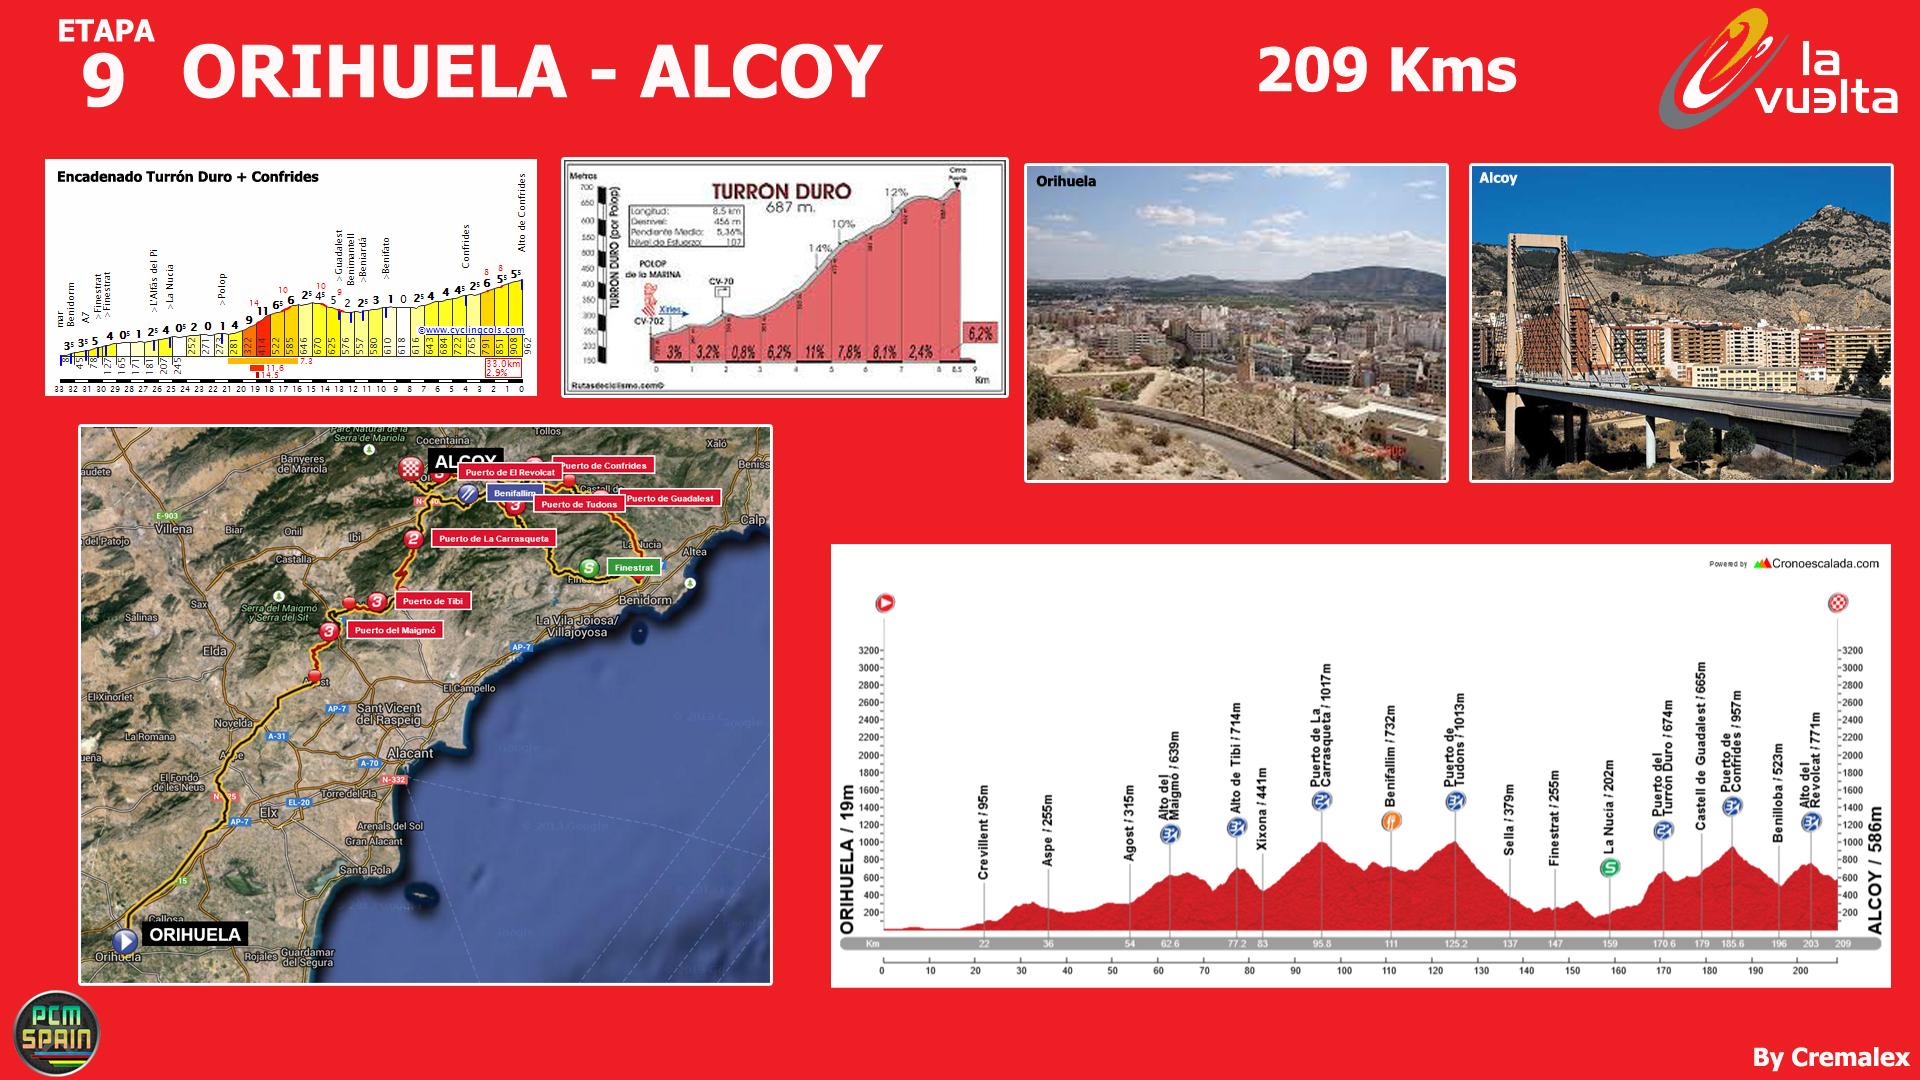 Concurso Vuelta a España 2015 - Página 6 985995Etapas09